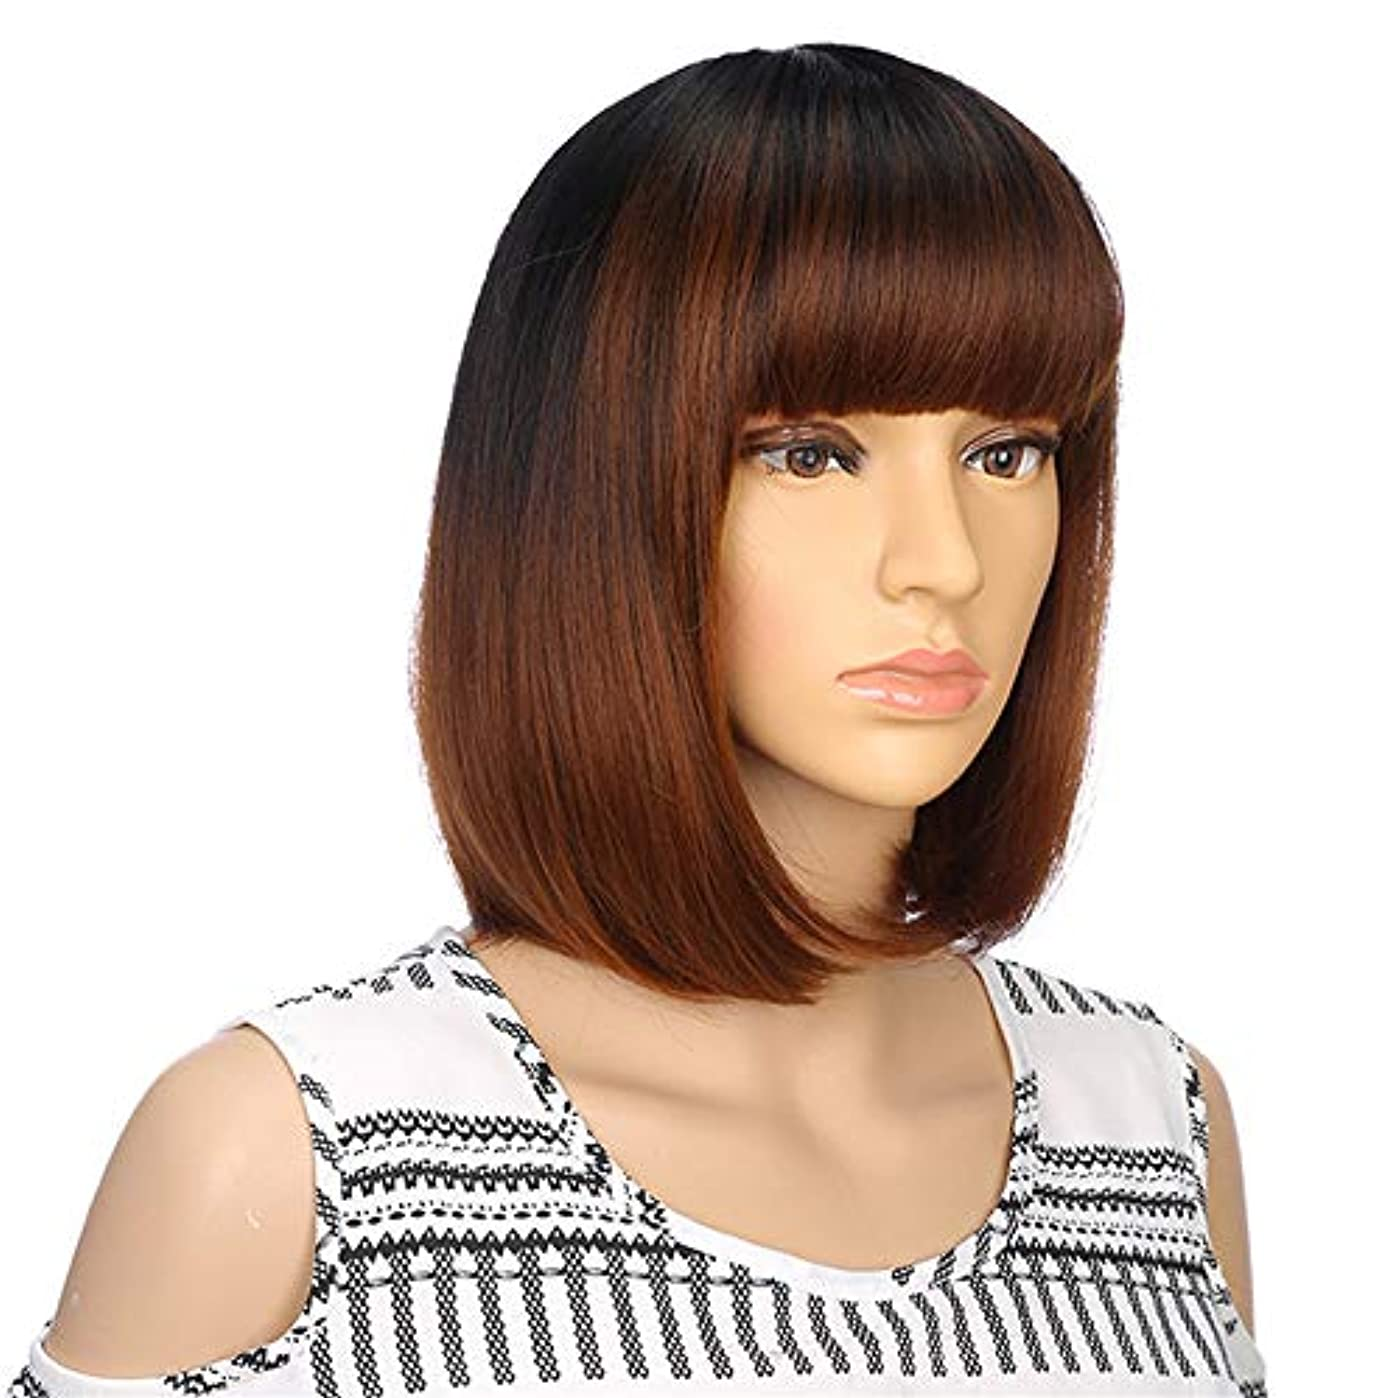 中古シリンダーなくなるヘアエクステンション合成ブラウンストレートウィッグ女性用前髪長ボブヘアウィッグ耐熱ヘアスタイルコスプレウィッグ13インチ